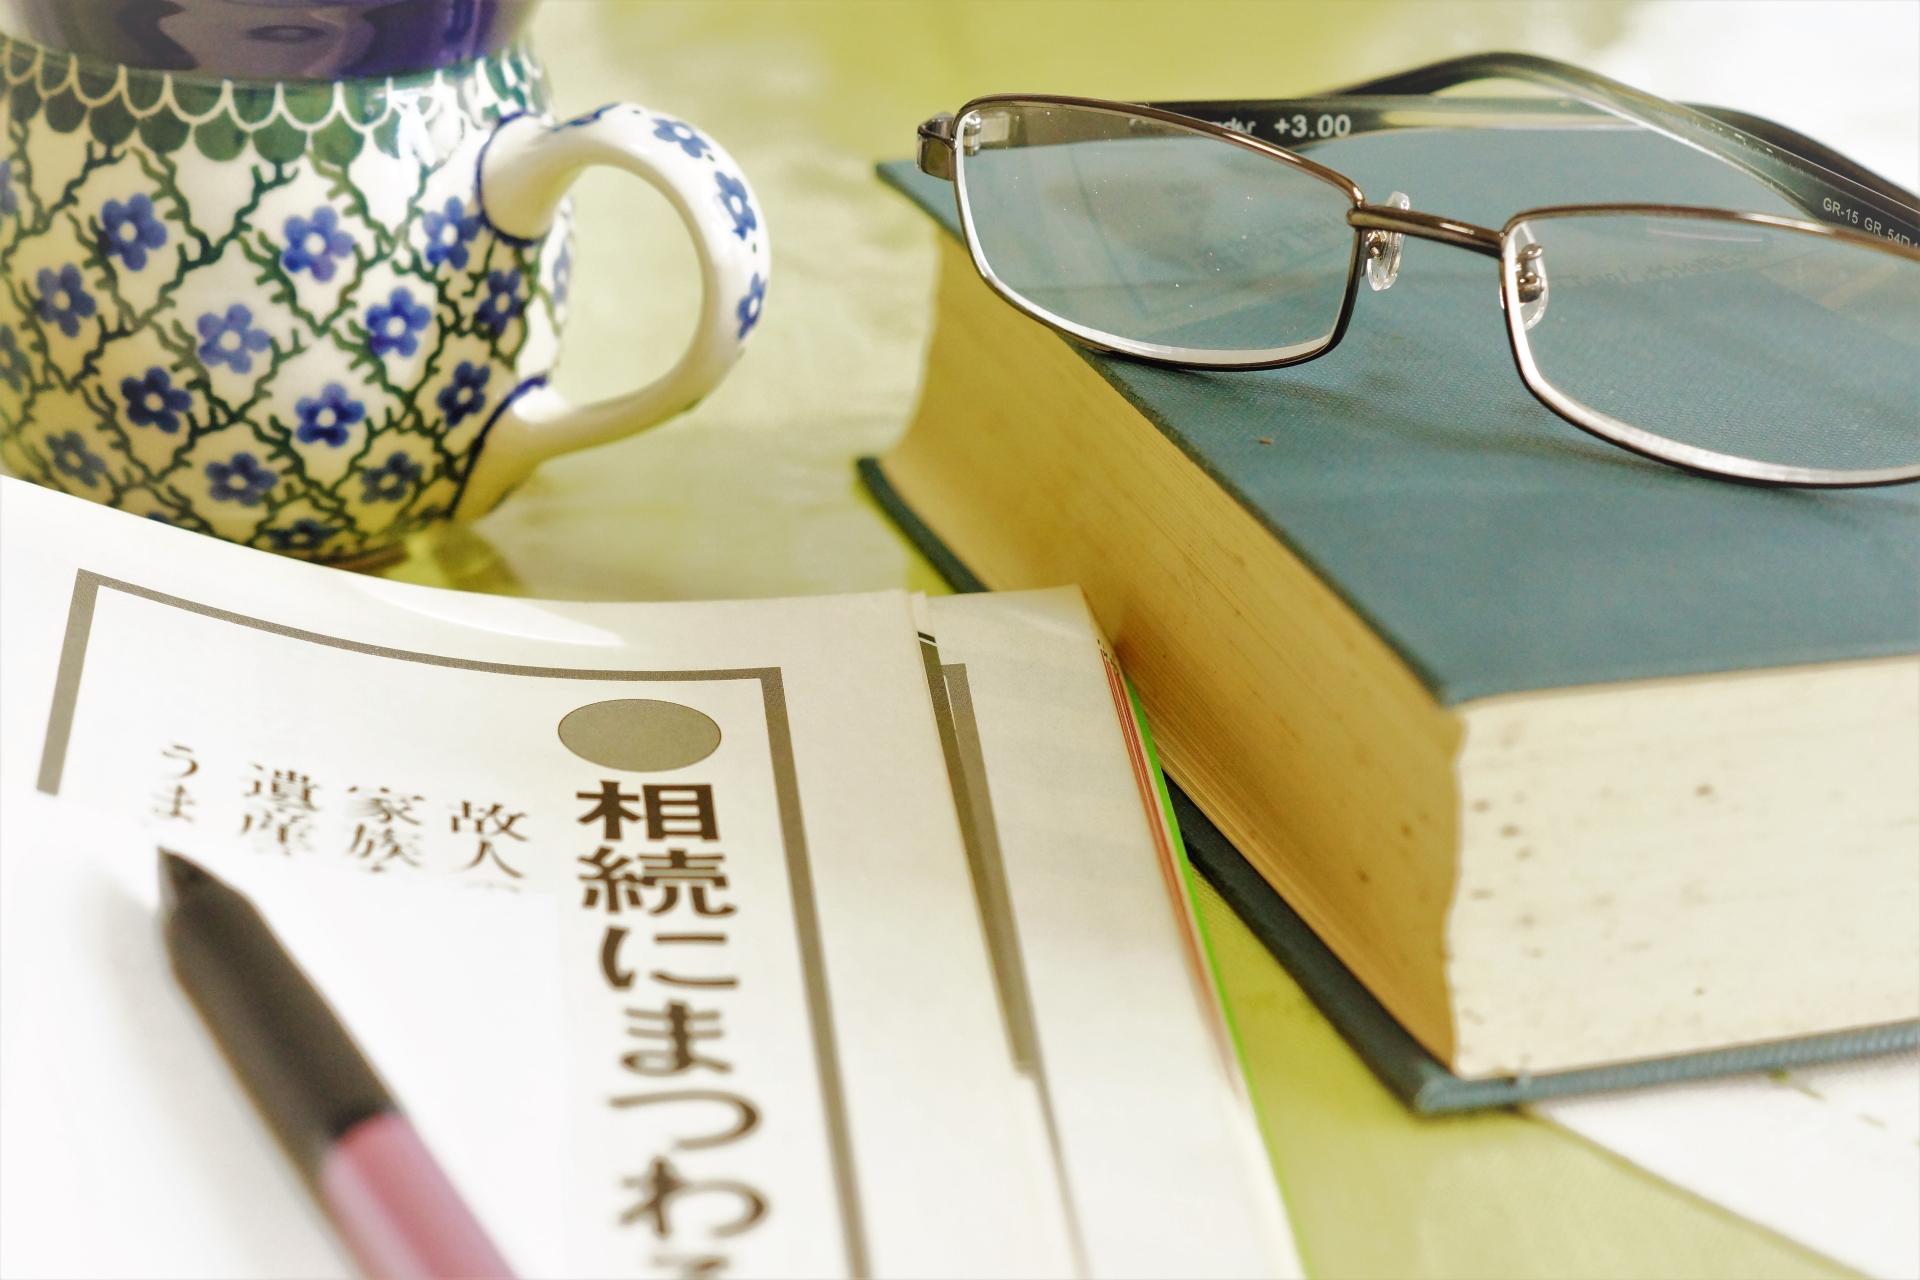 「法定相続情報証明制度」は5月29日から開始